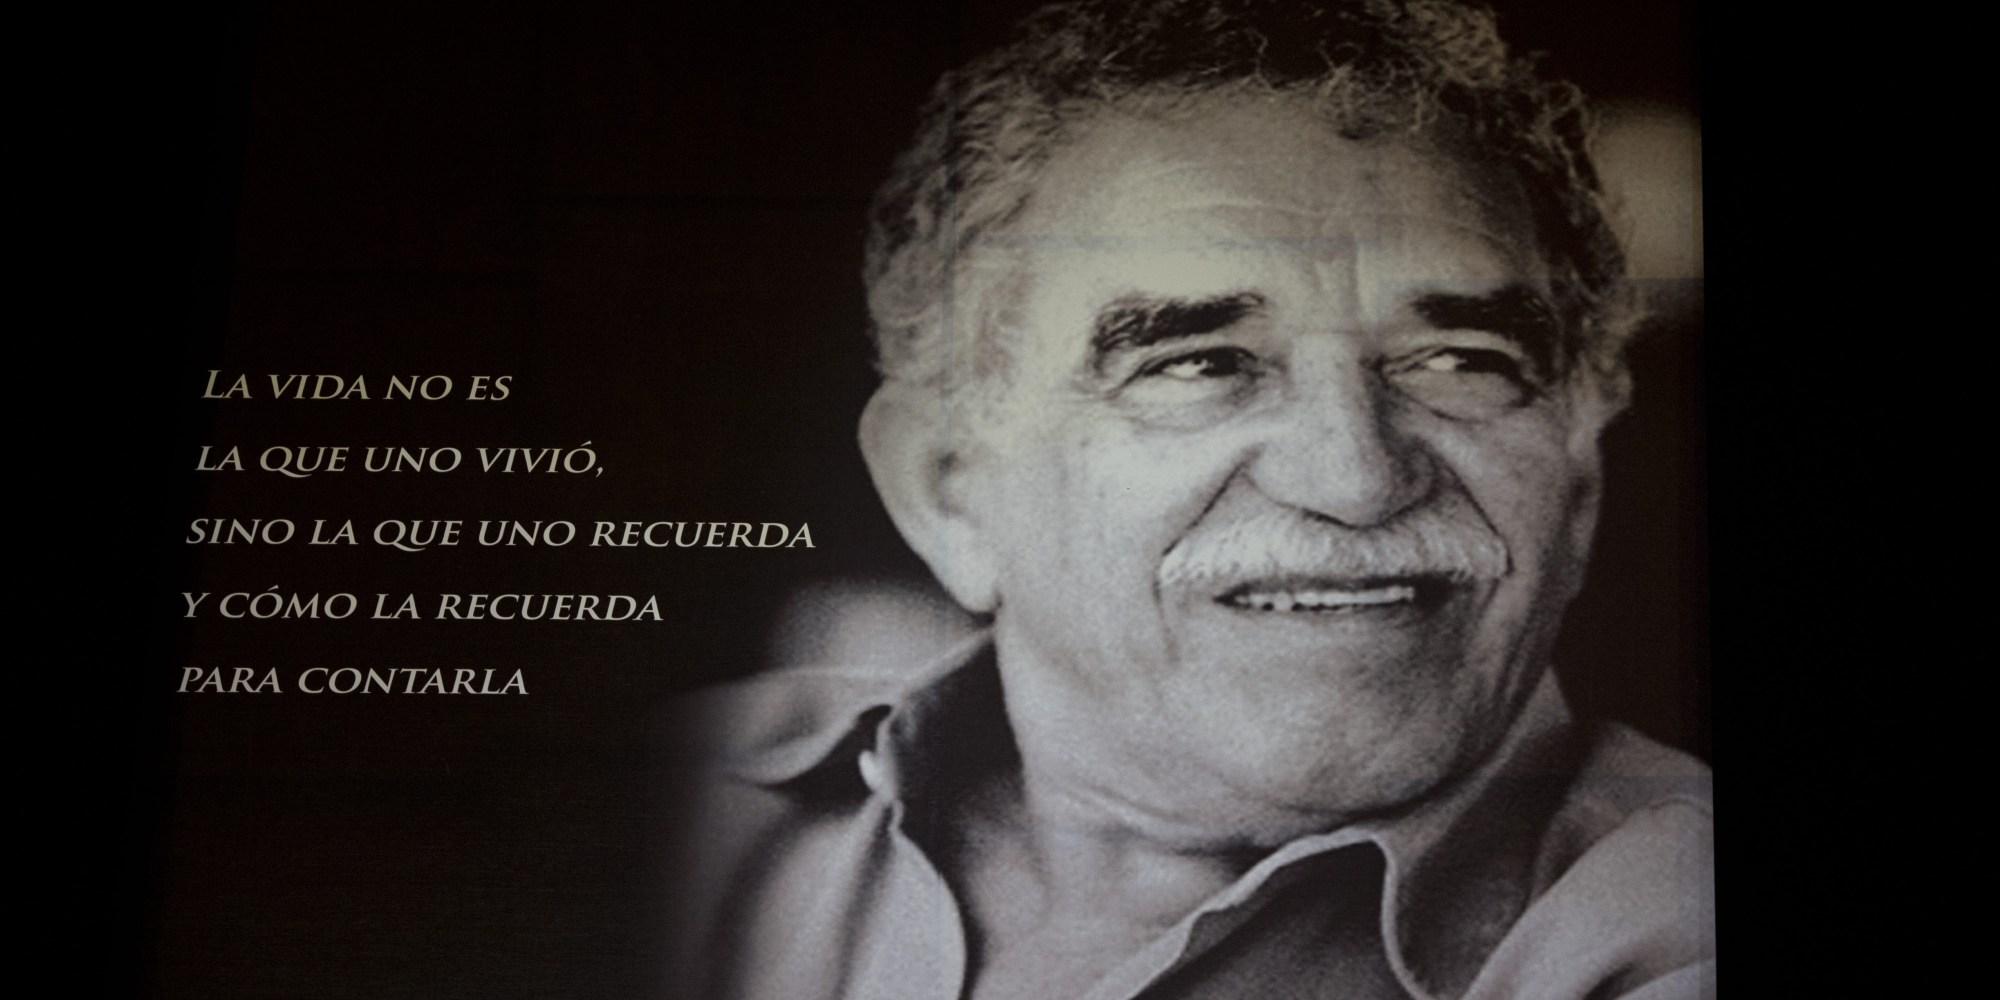 Diálogos con acontecimientos, predicciones, anécdotas y agenda del  año 2015 - Página 2 O-GABRIEL-GARCIA-MARQUEZ-facebook